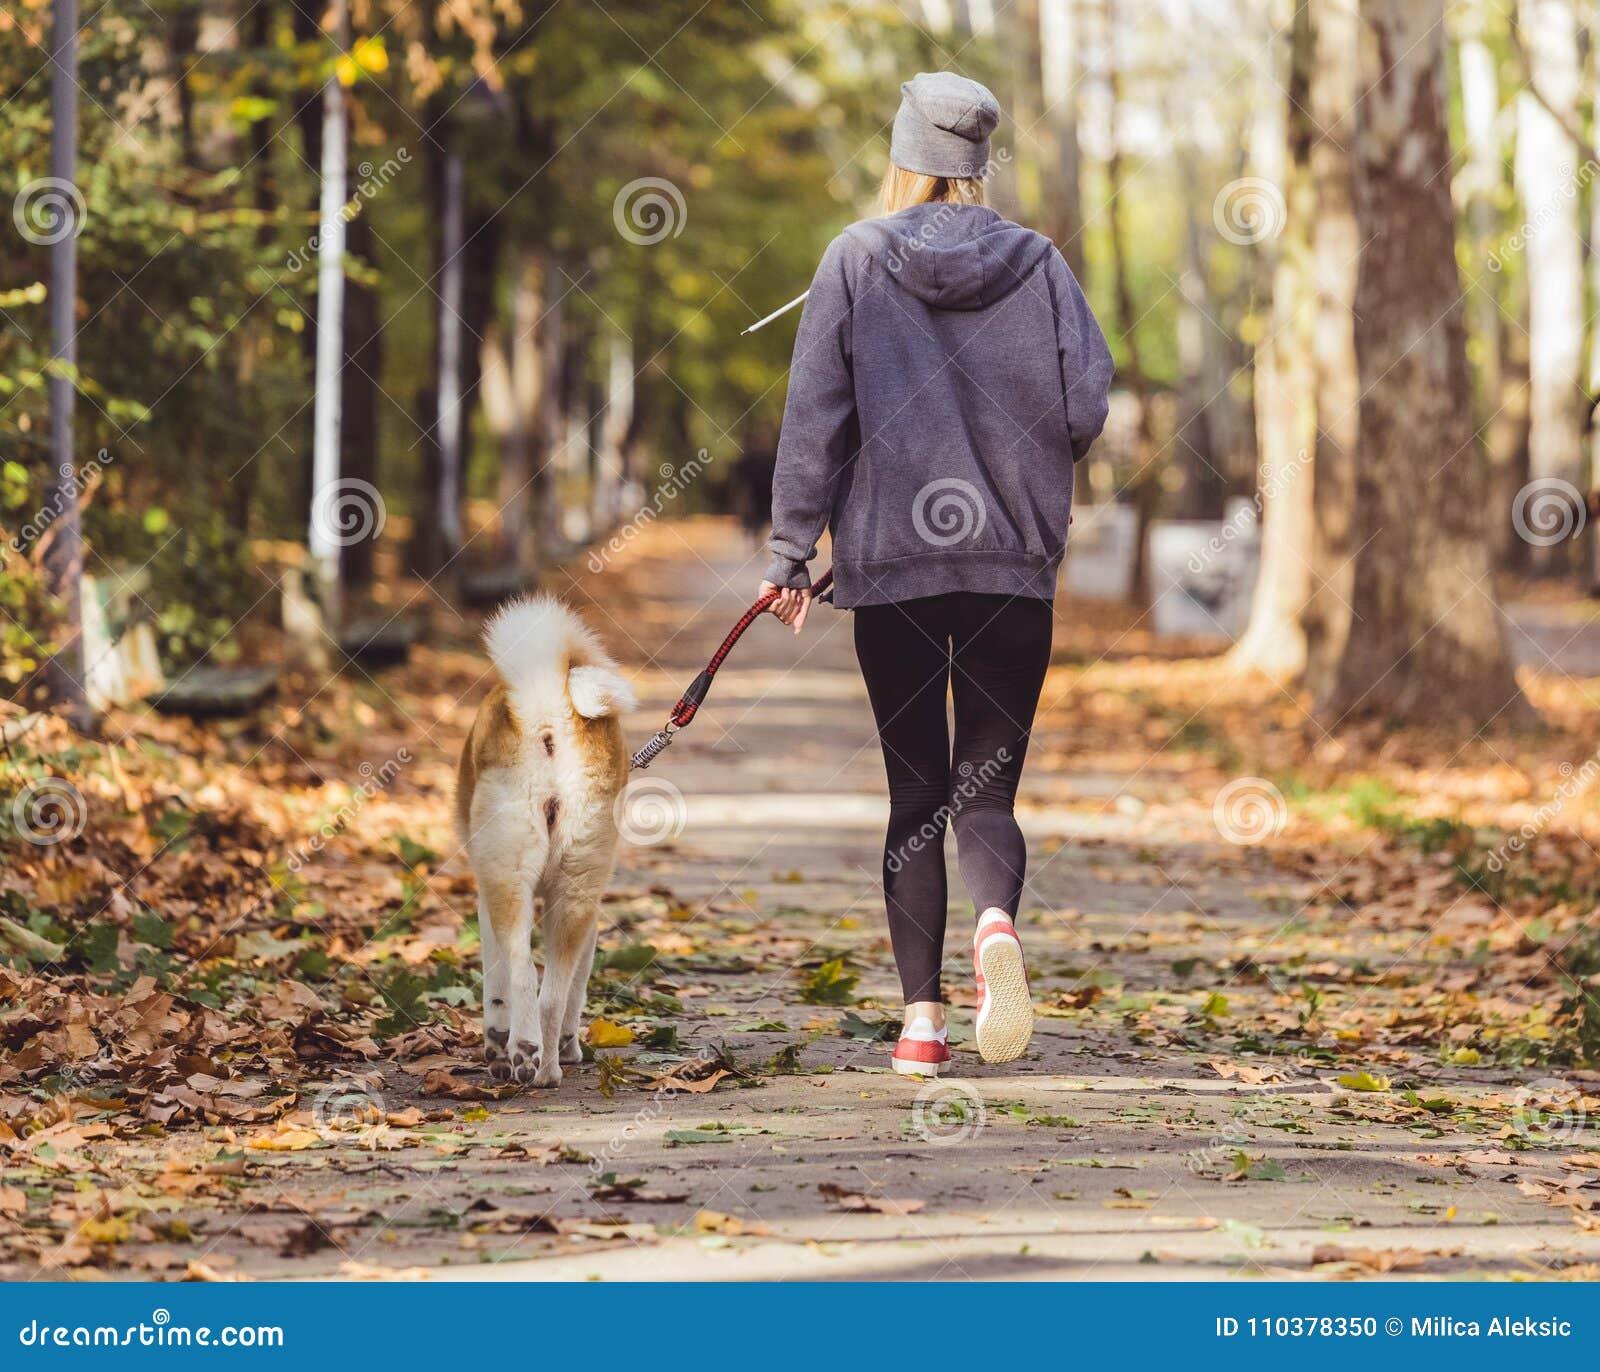 Frau, die mit ihrem Hund im Park läuft und geht